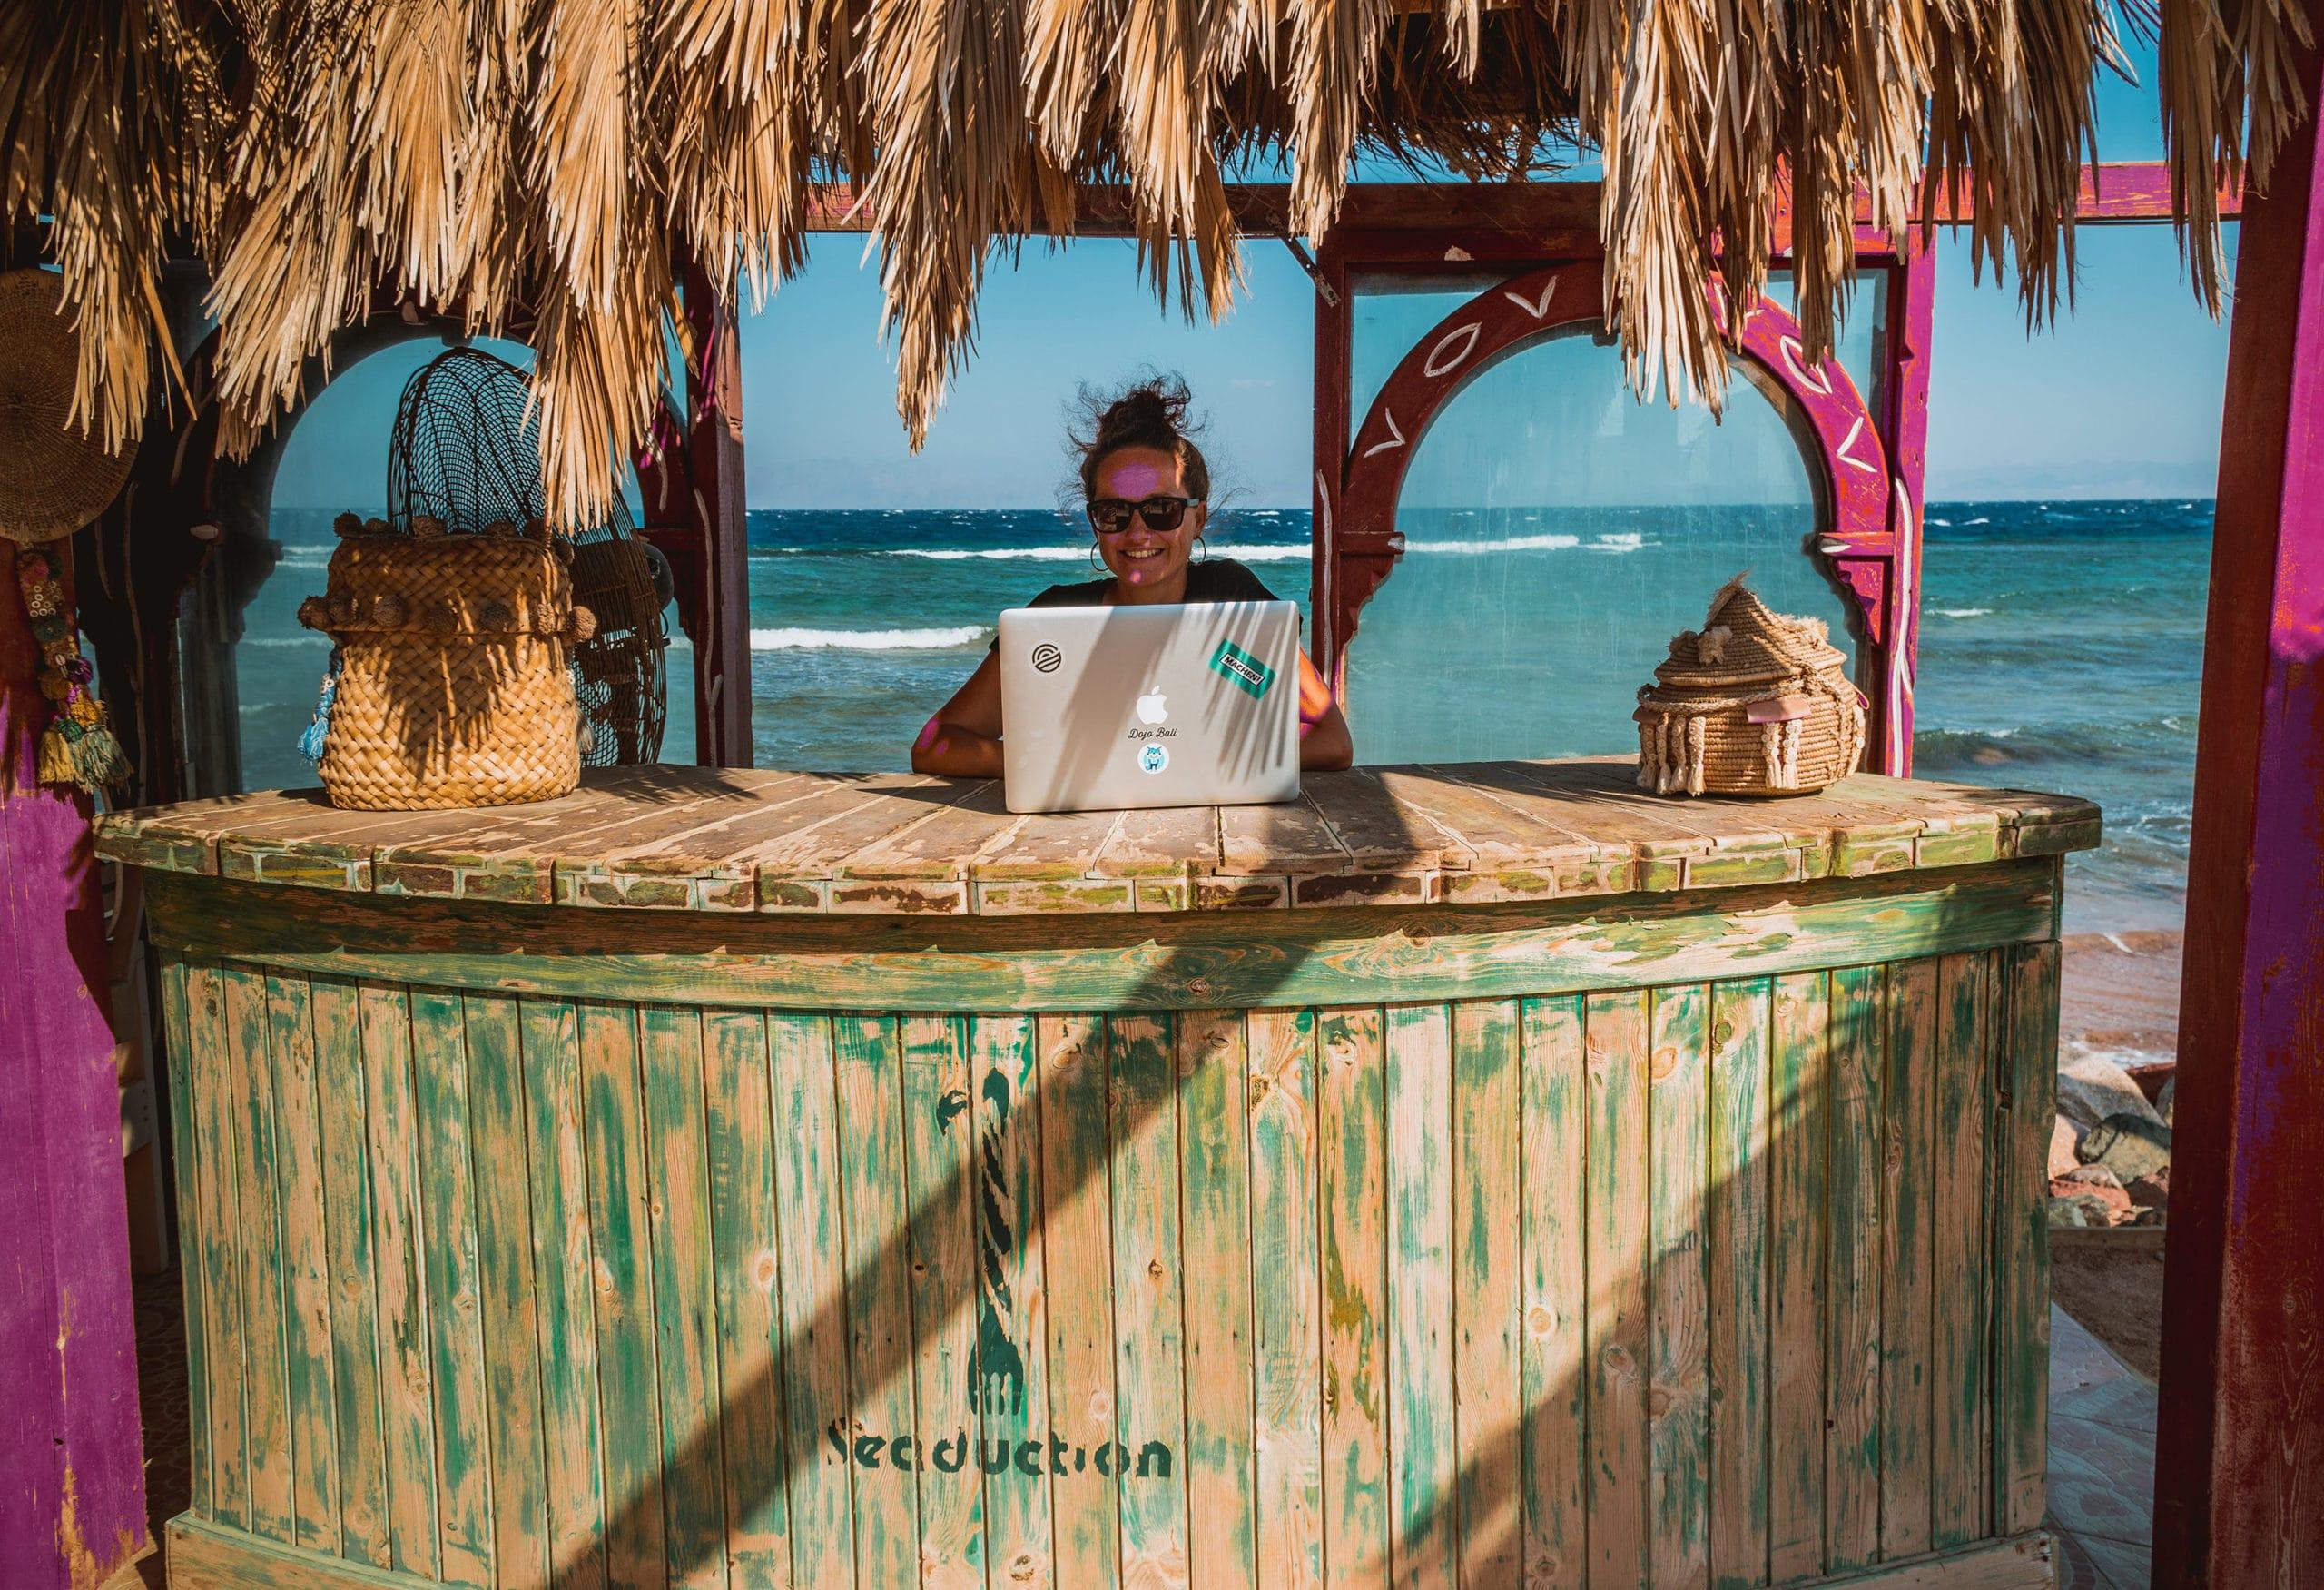 Eine digitale Nomadin arbeitet am Strand.